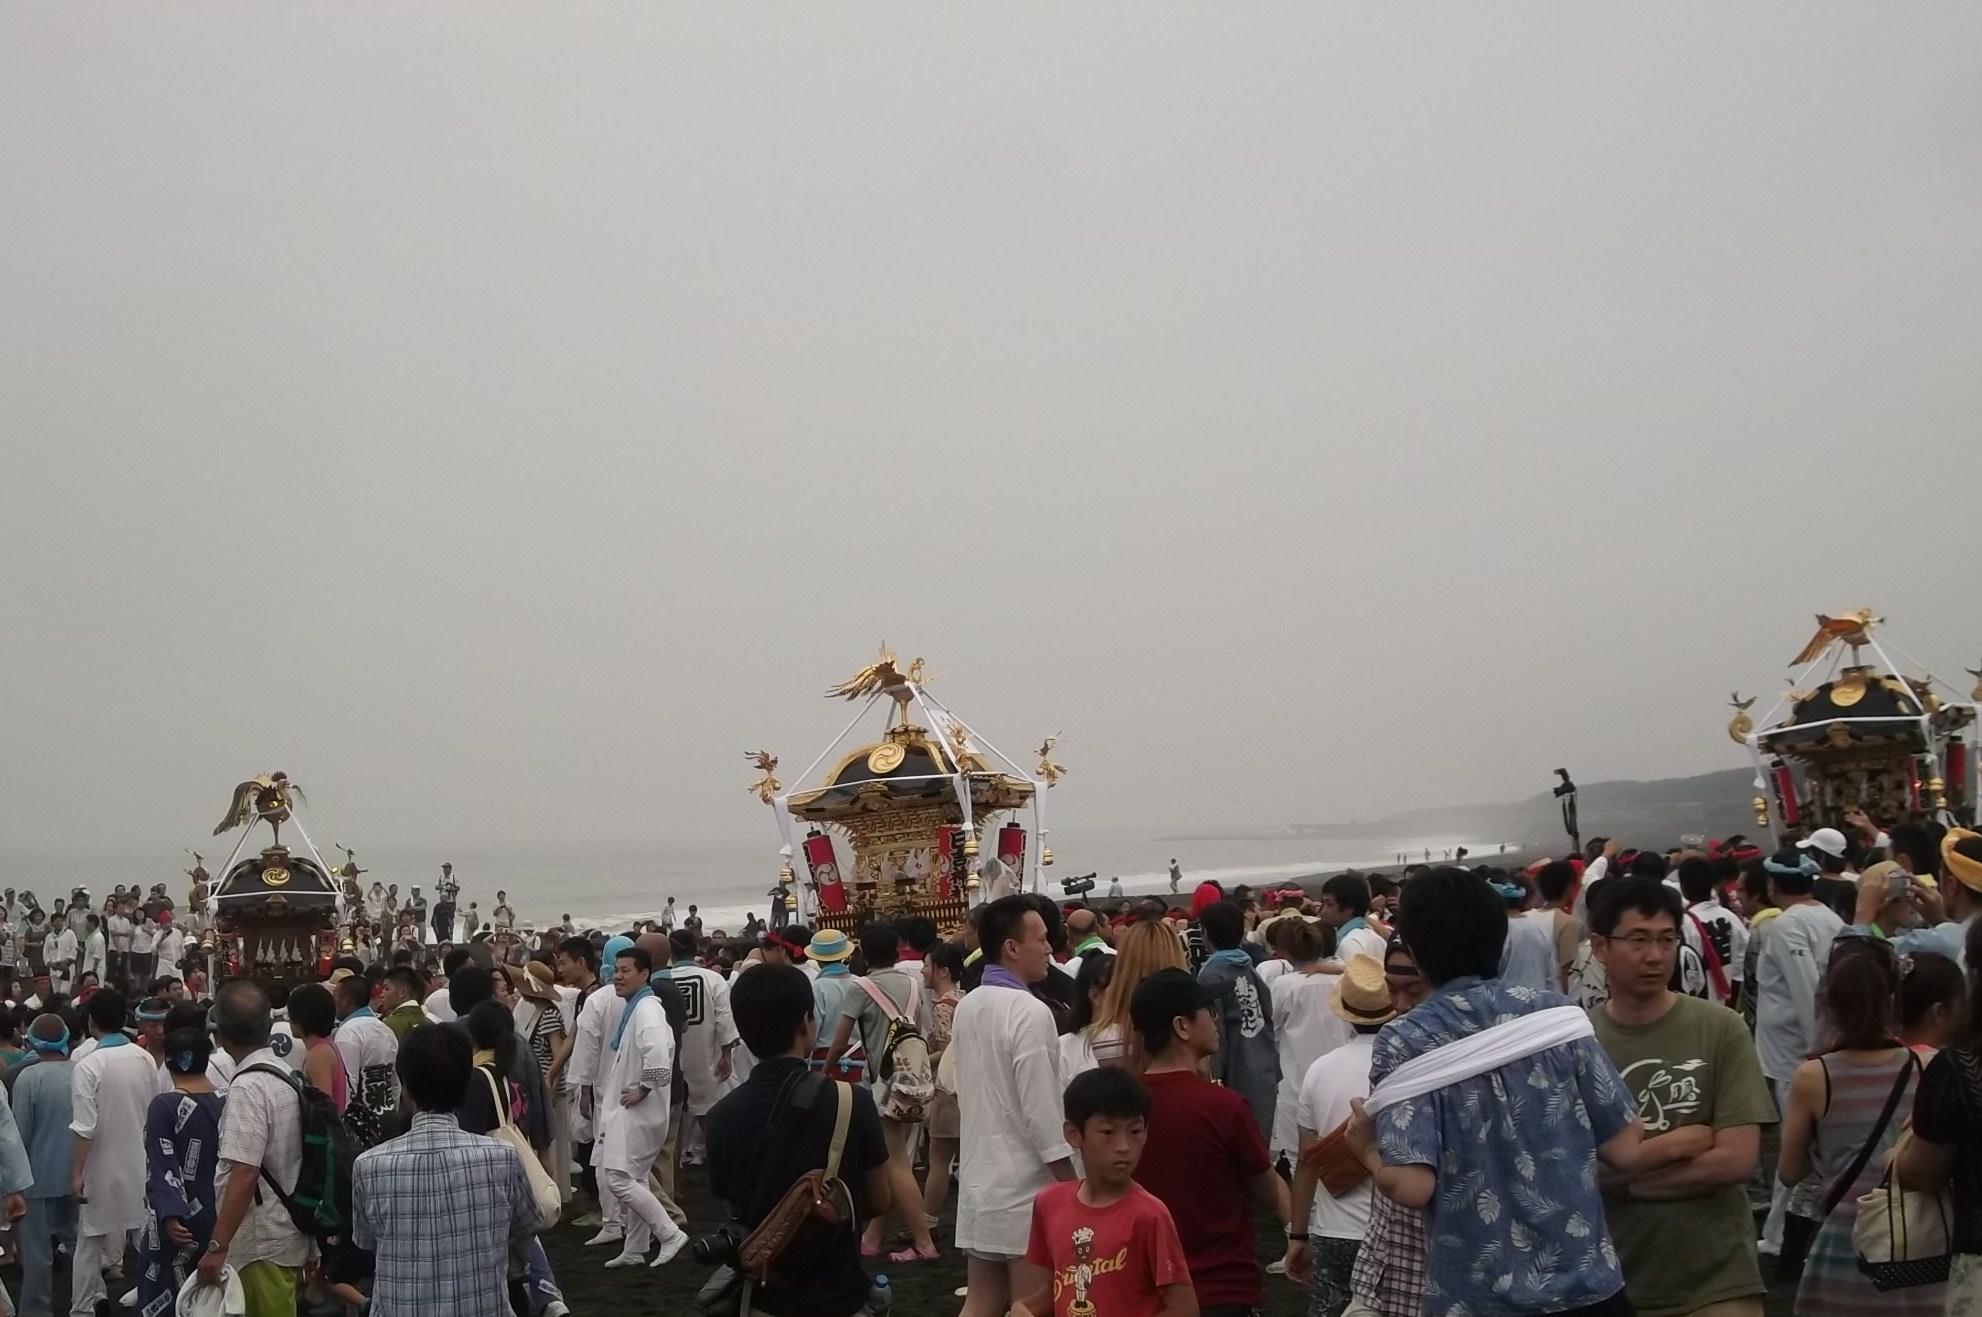 湘南の夏祭り,,,,浜降り祭_b0137932_13362028.jpg